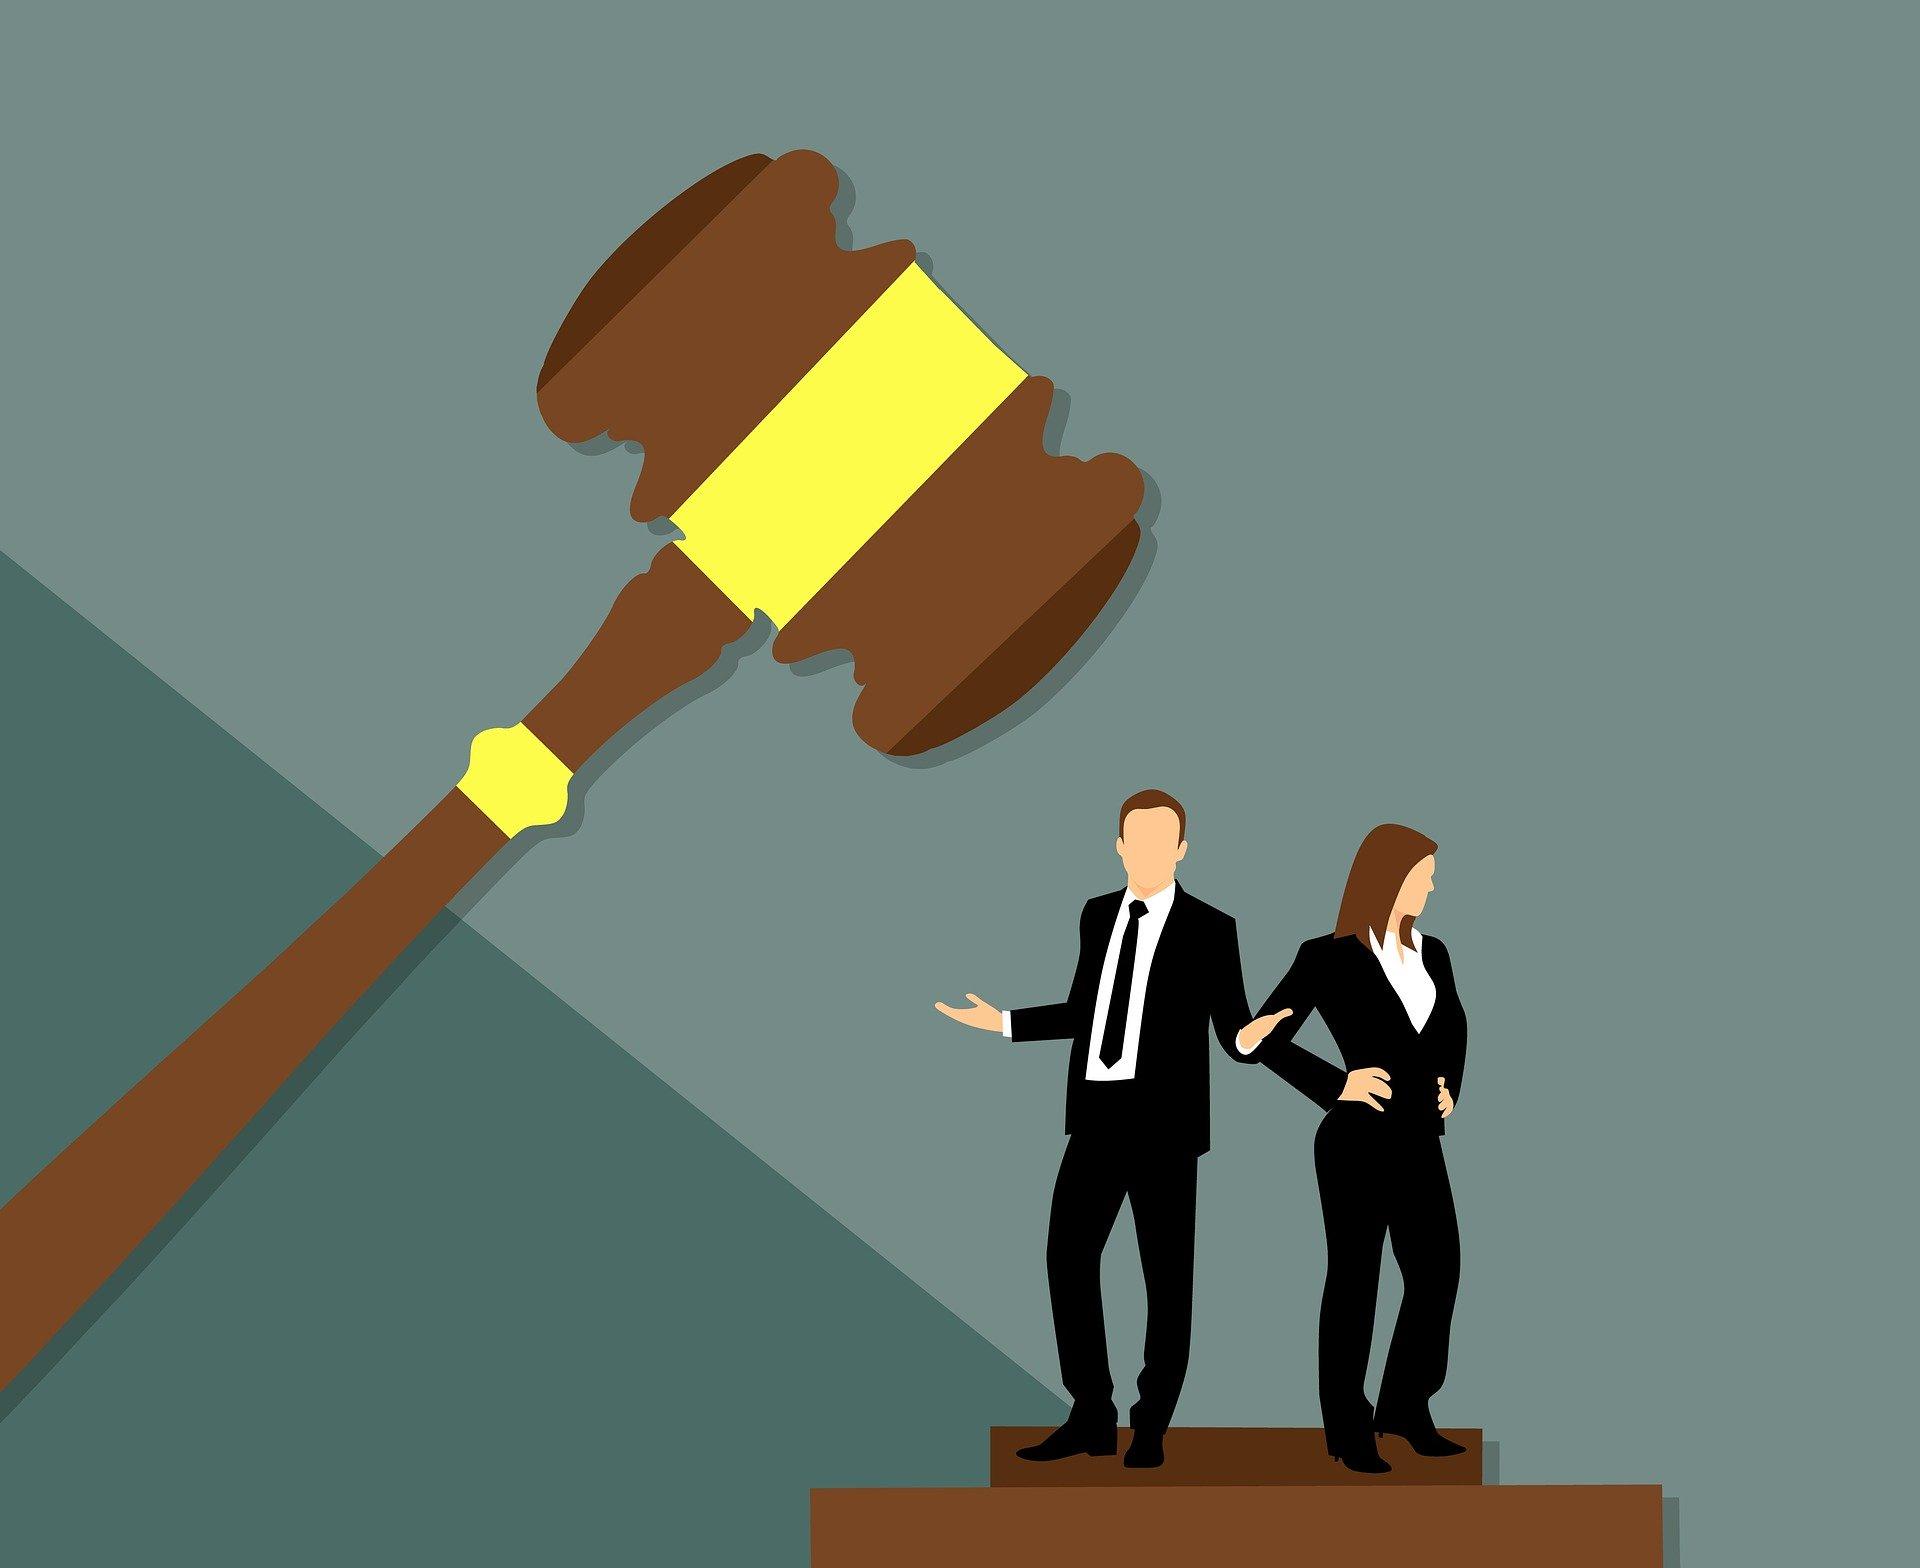 La prestation compensatoire est-elle obligatoire ?